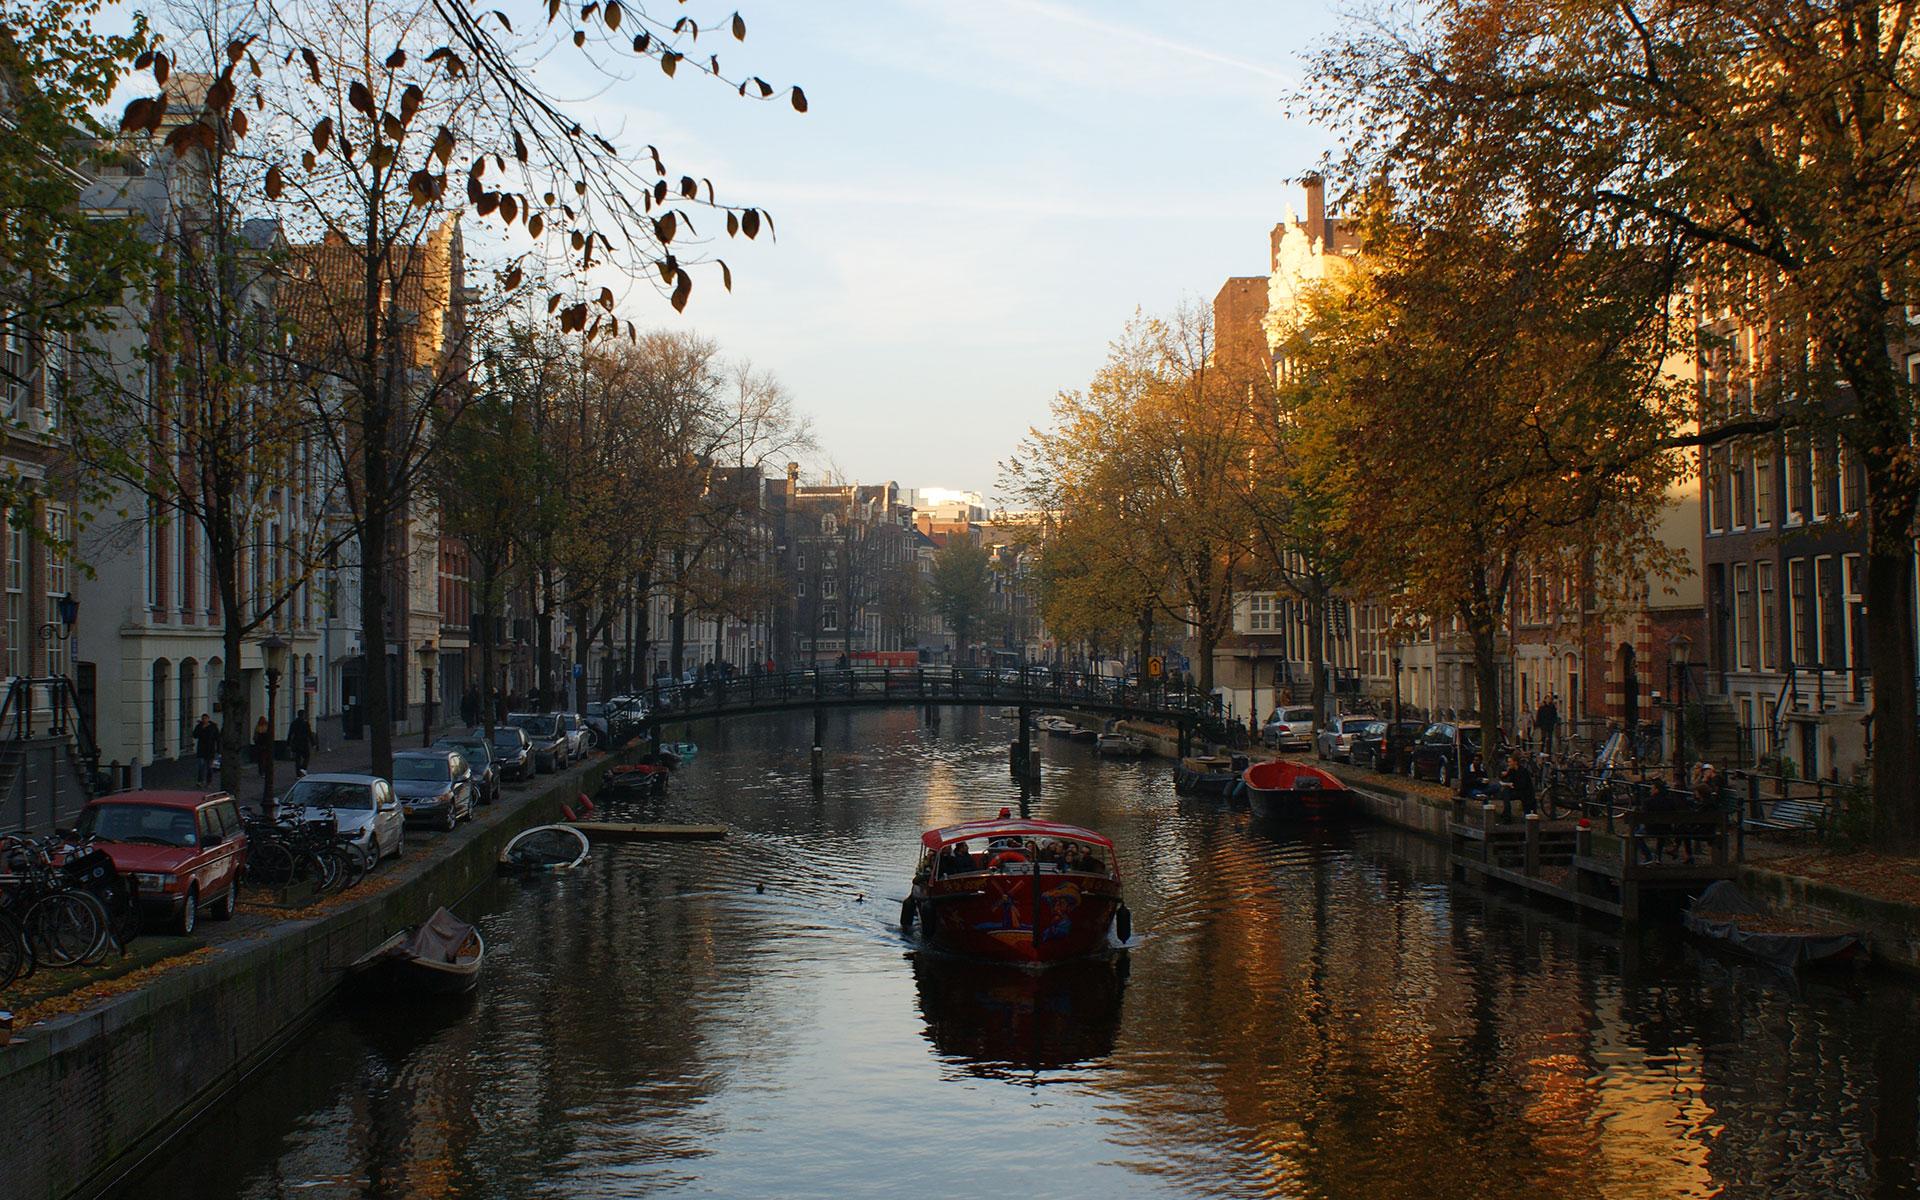 этого амстердам в ноябре фото маленьких ванных